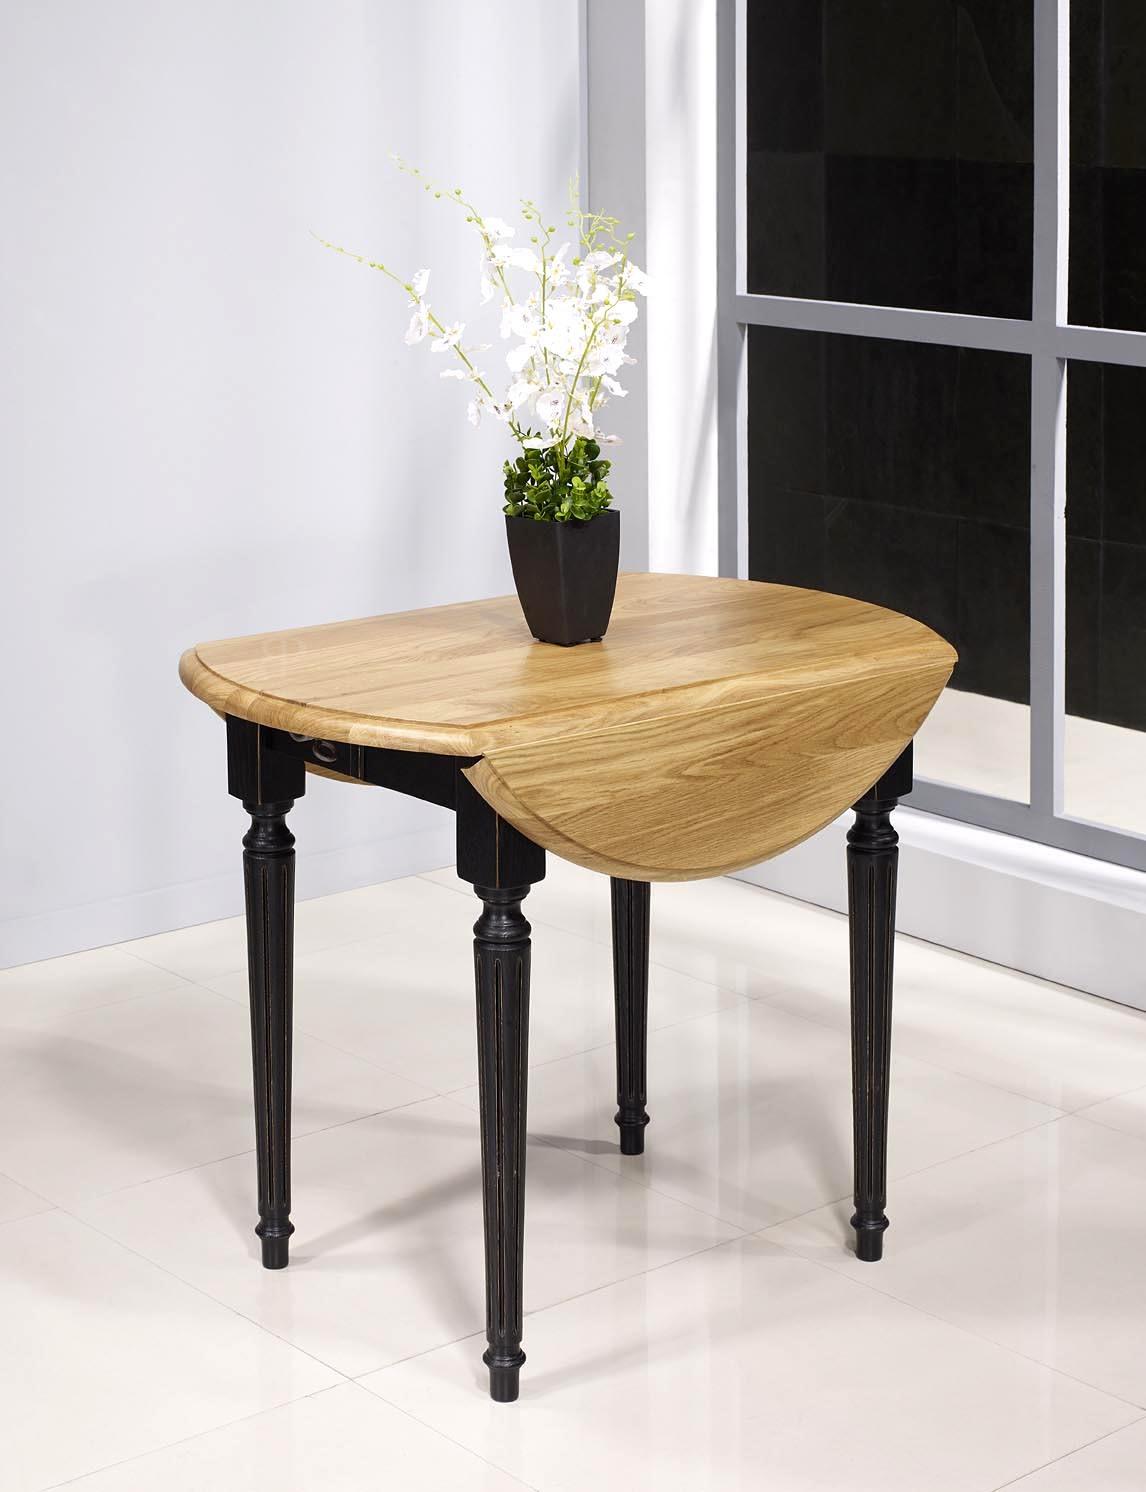 Table ronde volets diam tre 90 en ch ne massif de style for Table ronde chene massif avec allonges